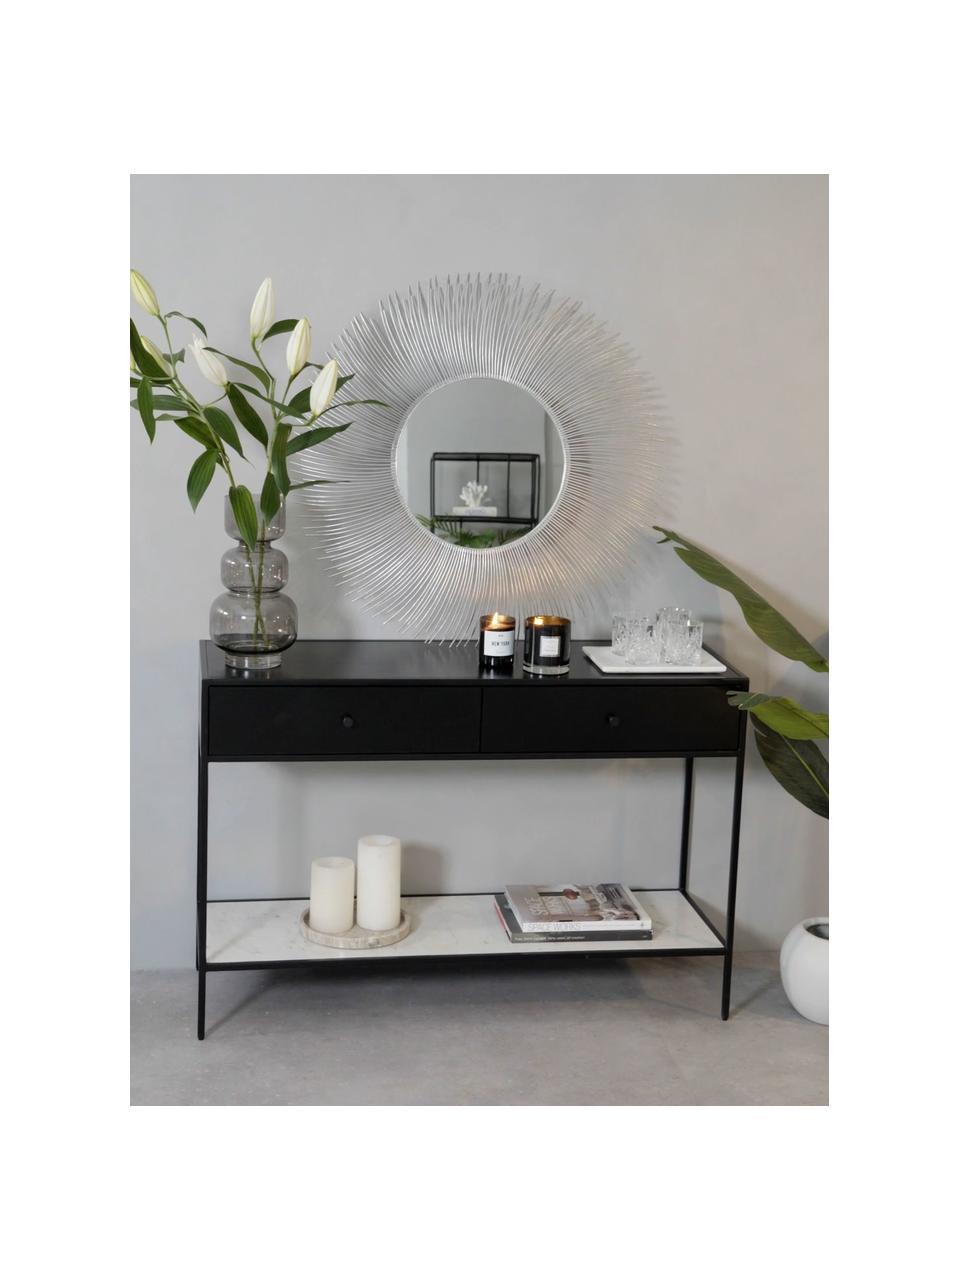 Miroir mural rond avec cadre argentéLilly, Couleur argentée